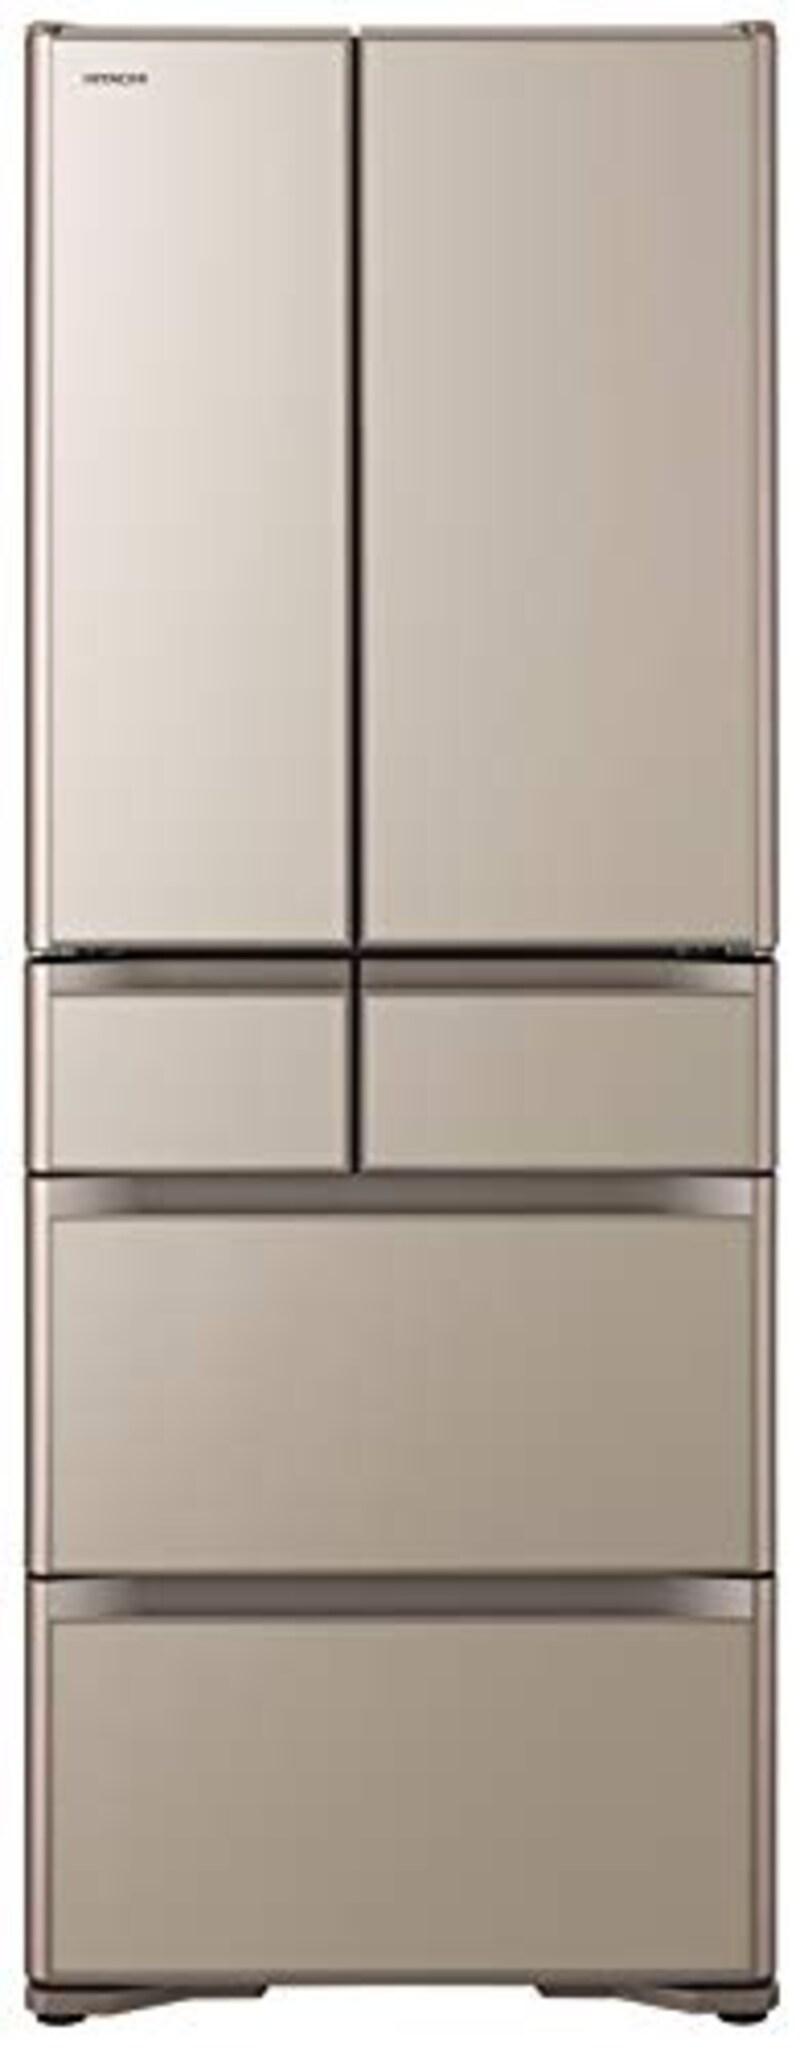 日立(HITACHI),冷蔵庫 475L  プレーンシャンパン,R-XG48K XN